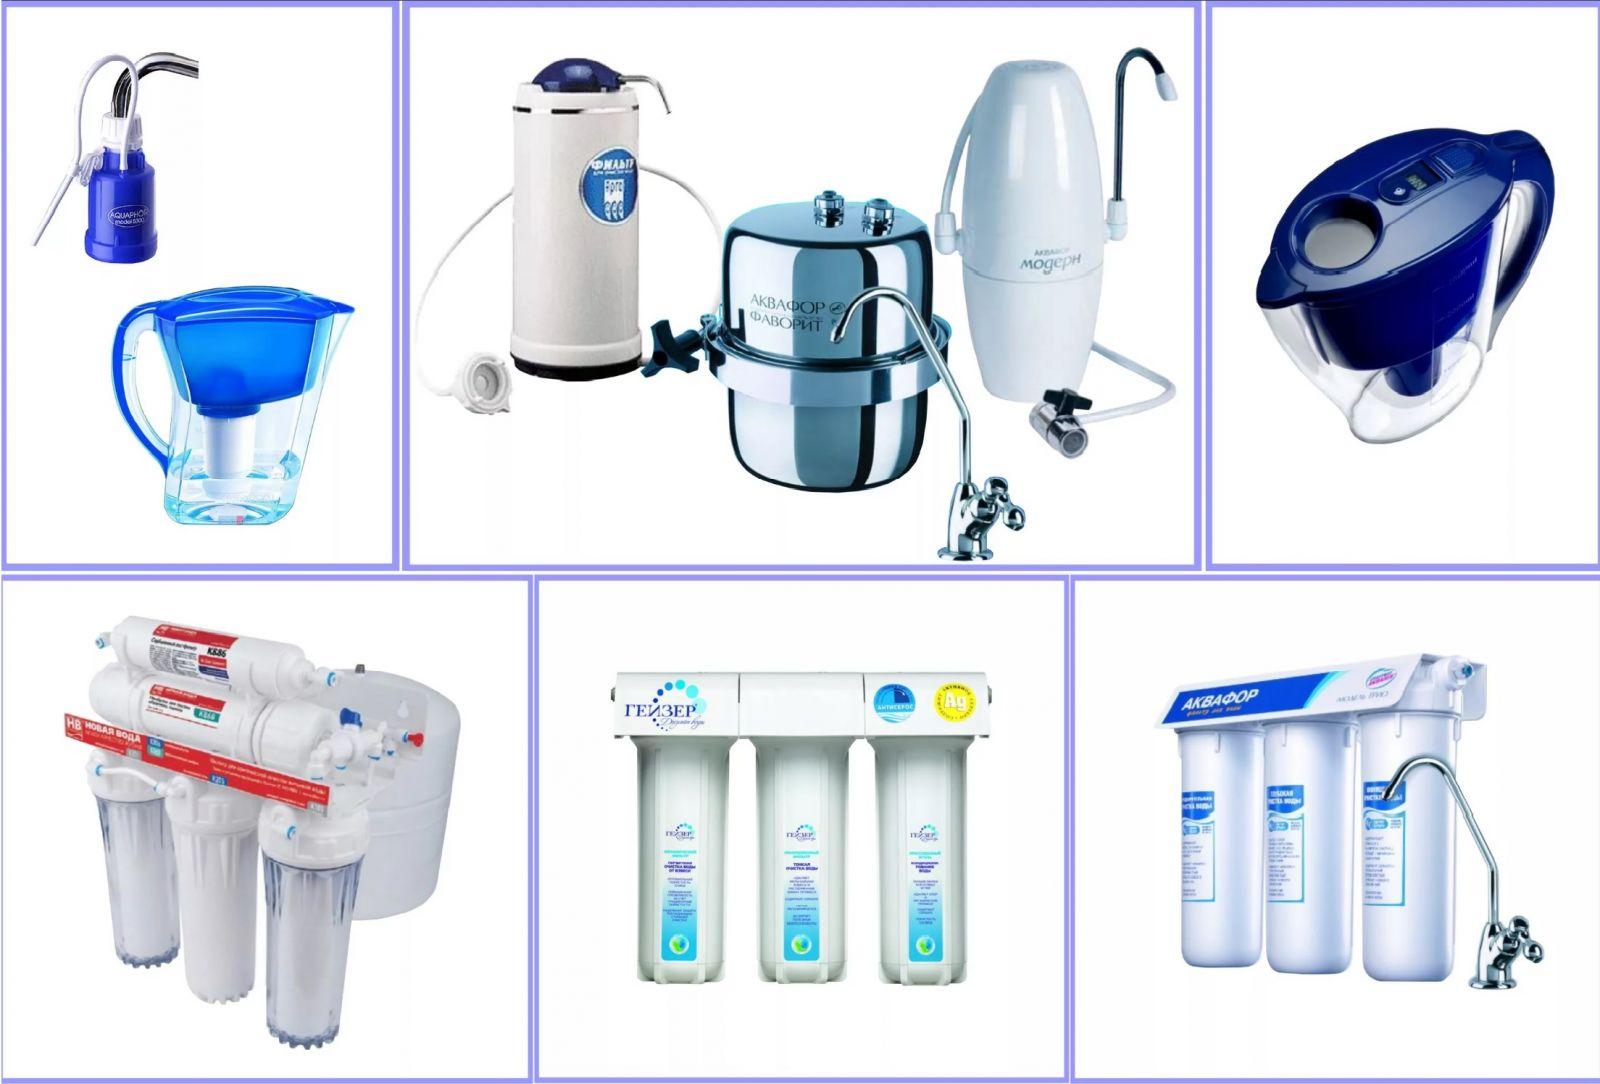 Как выбрать фильтр для воды + рейтинг лучших производителей